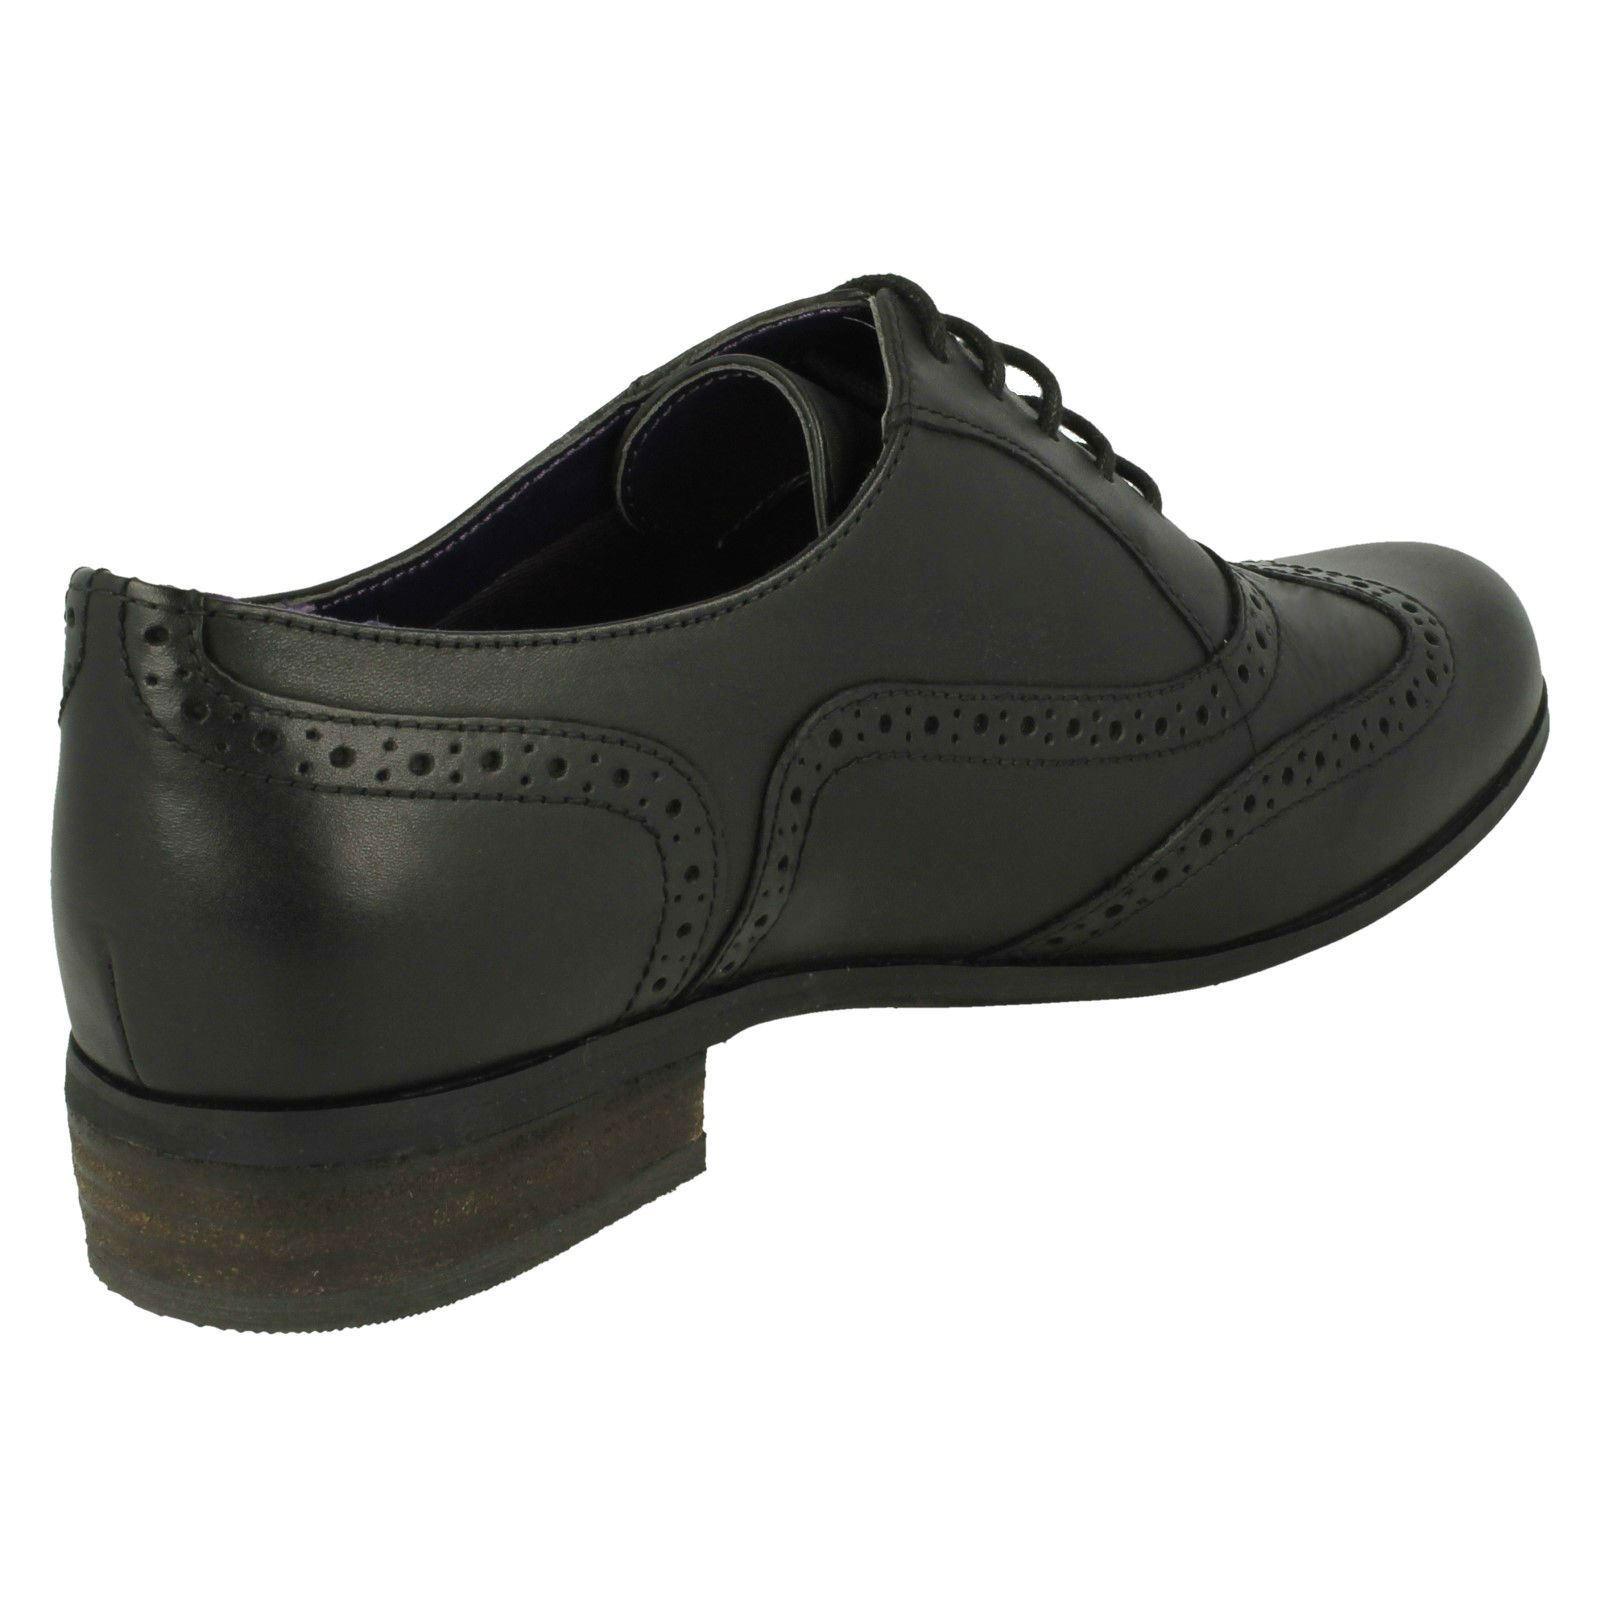 Clarks mujer estilo vintage charol zapatos oxford con cordones hamble roble ebay - Charol zapateria ...